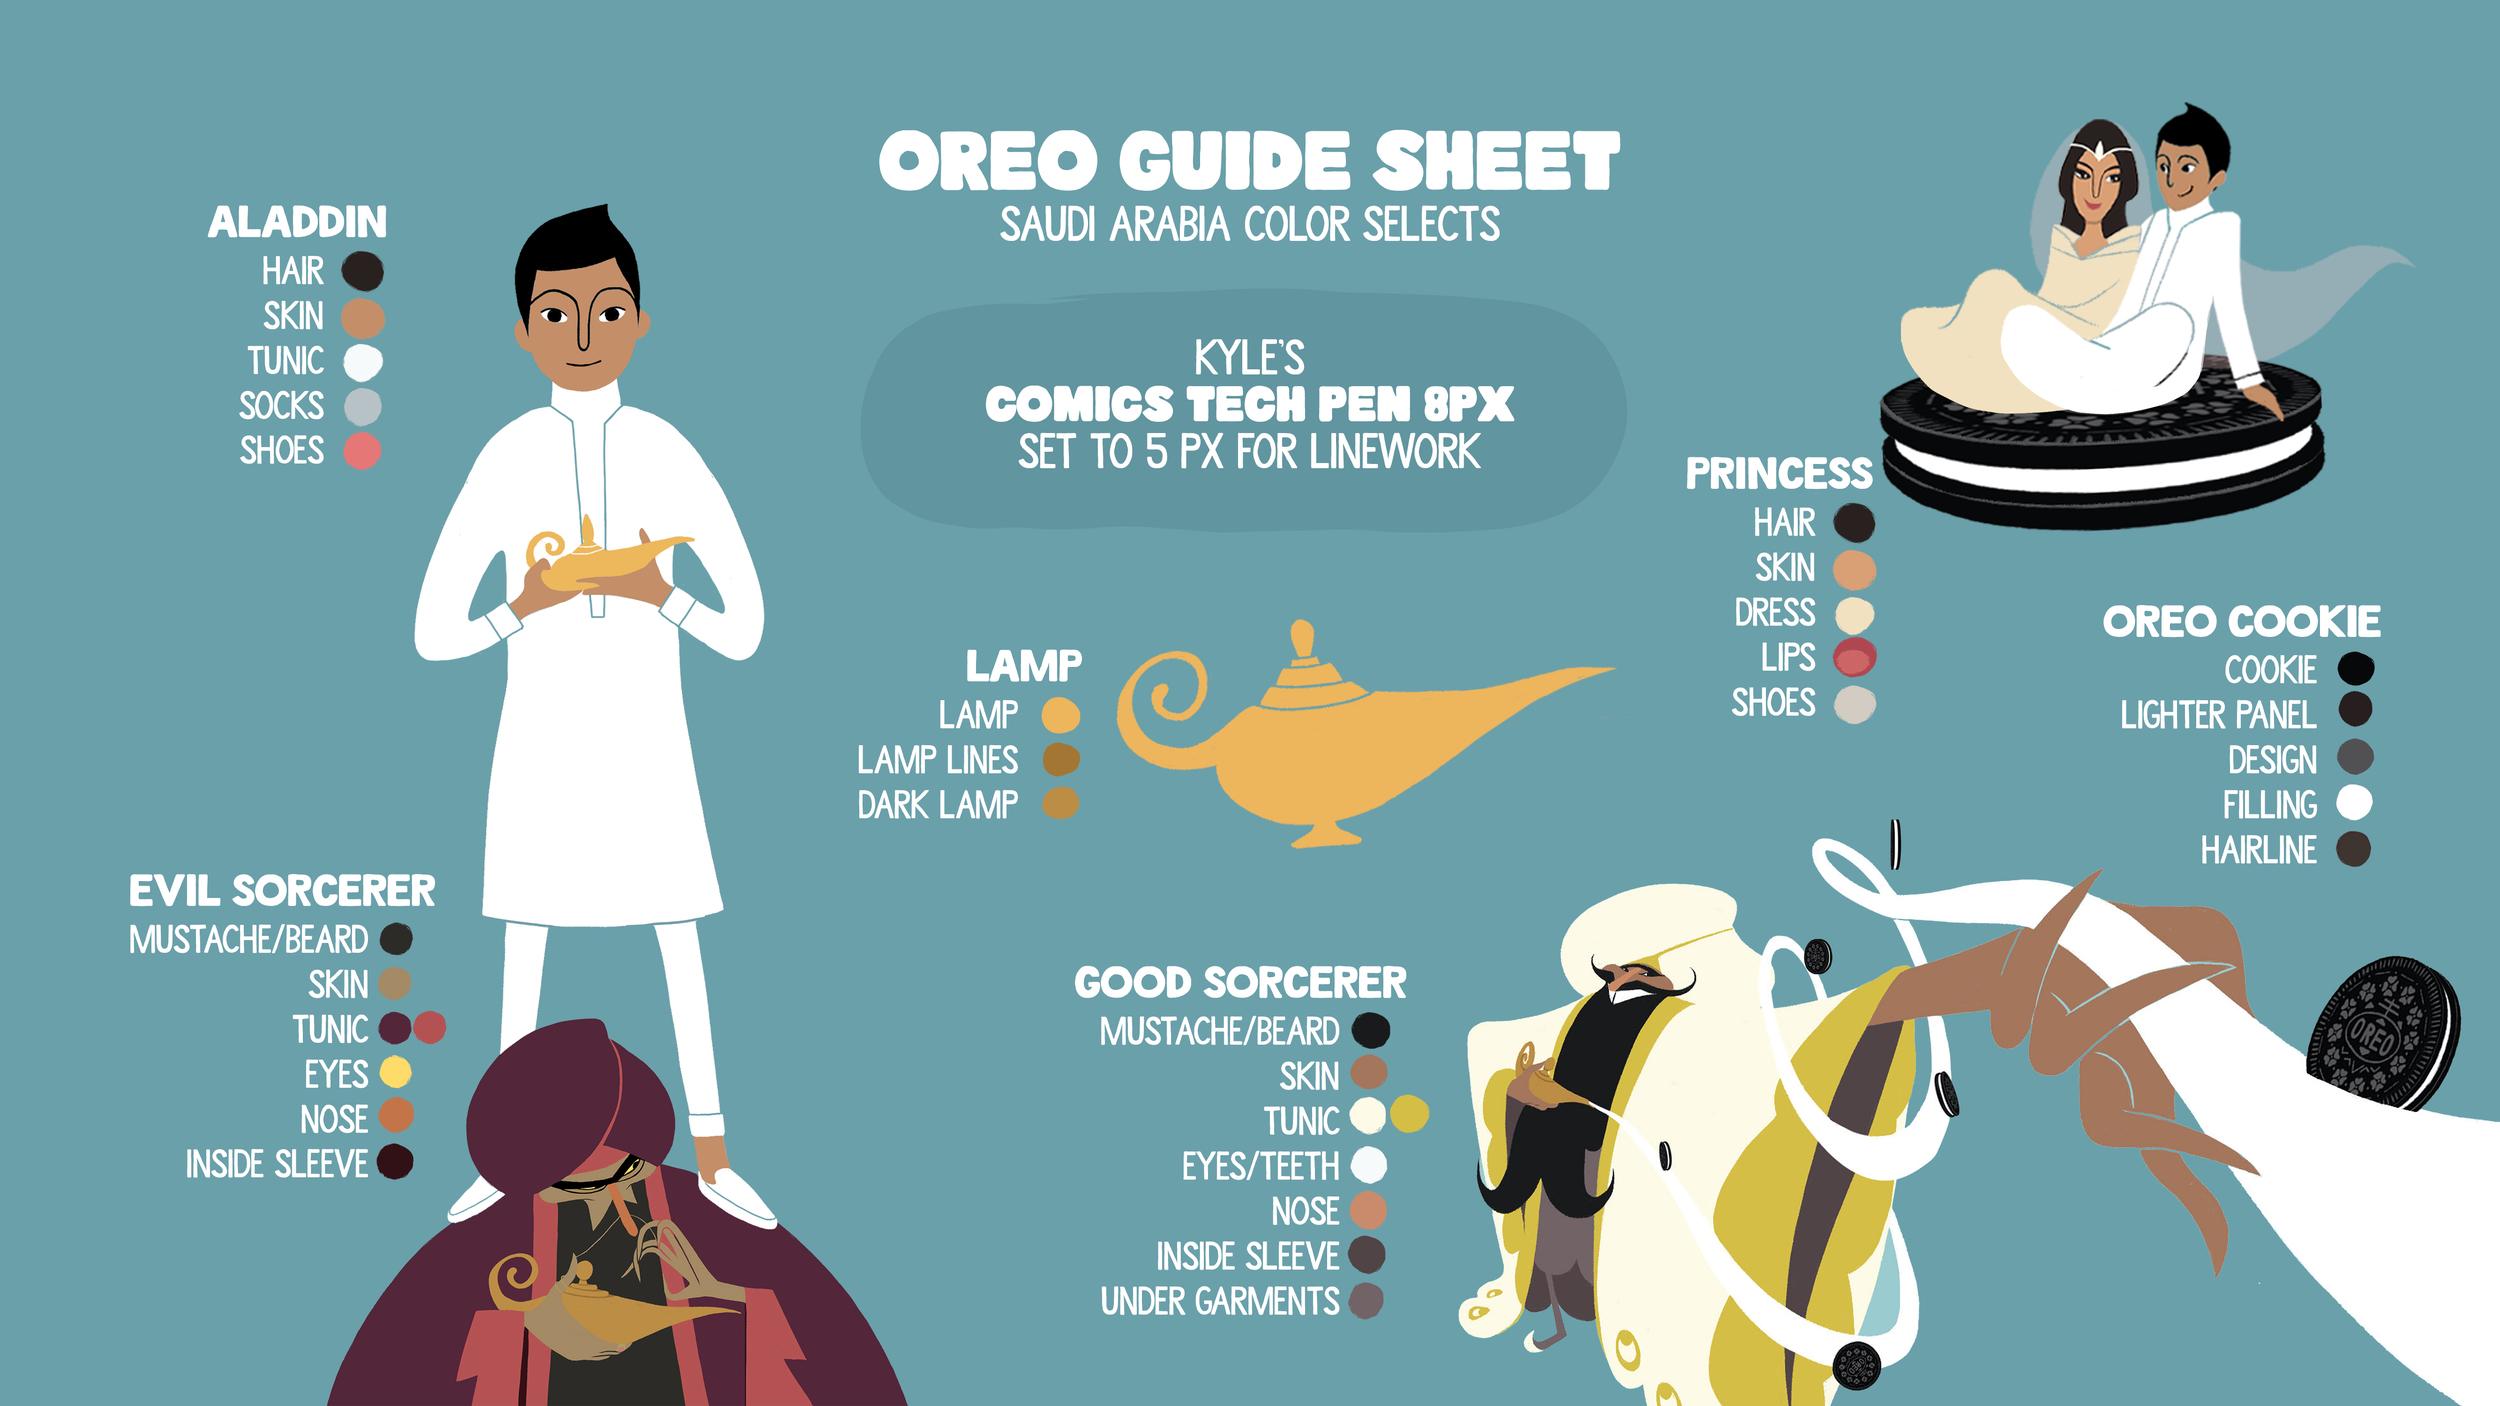 Oreo_Guide_Sheet_002.jpg